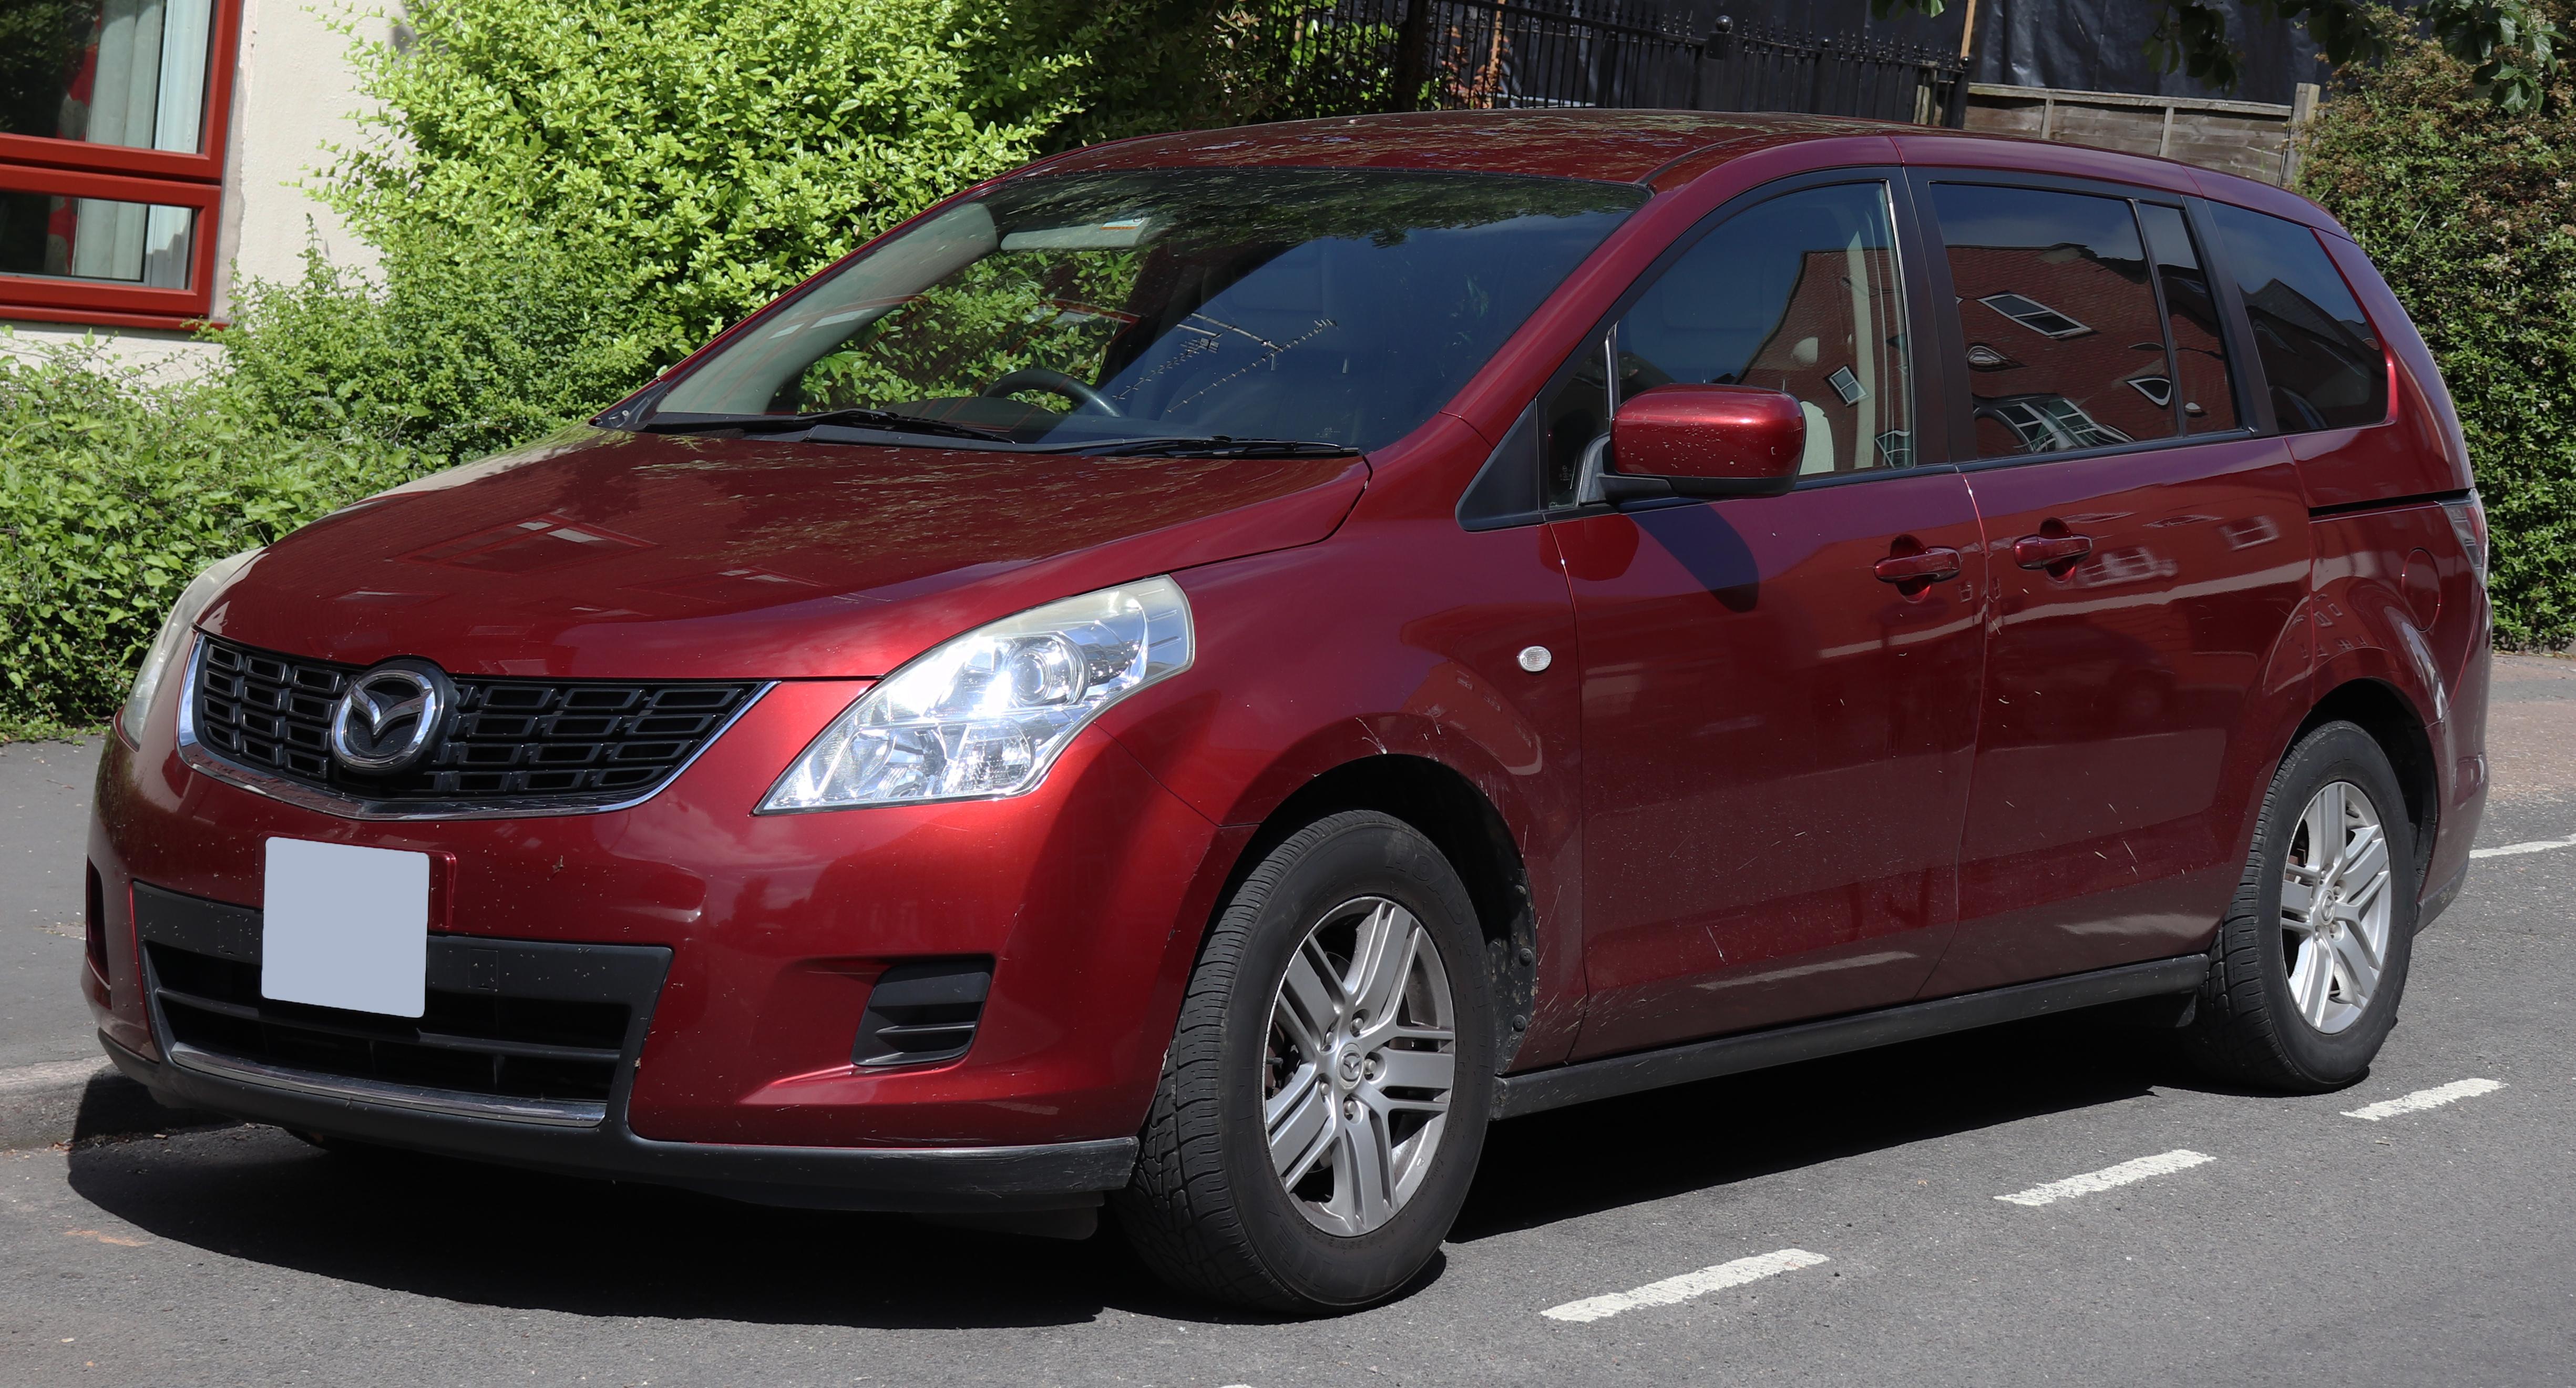 Kelebihan Mazda Mpv Top Model Tahun Ini